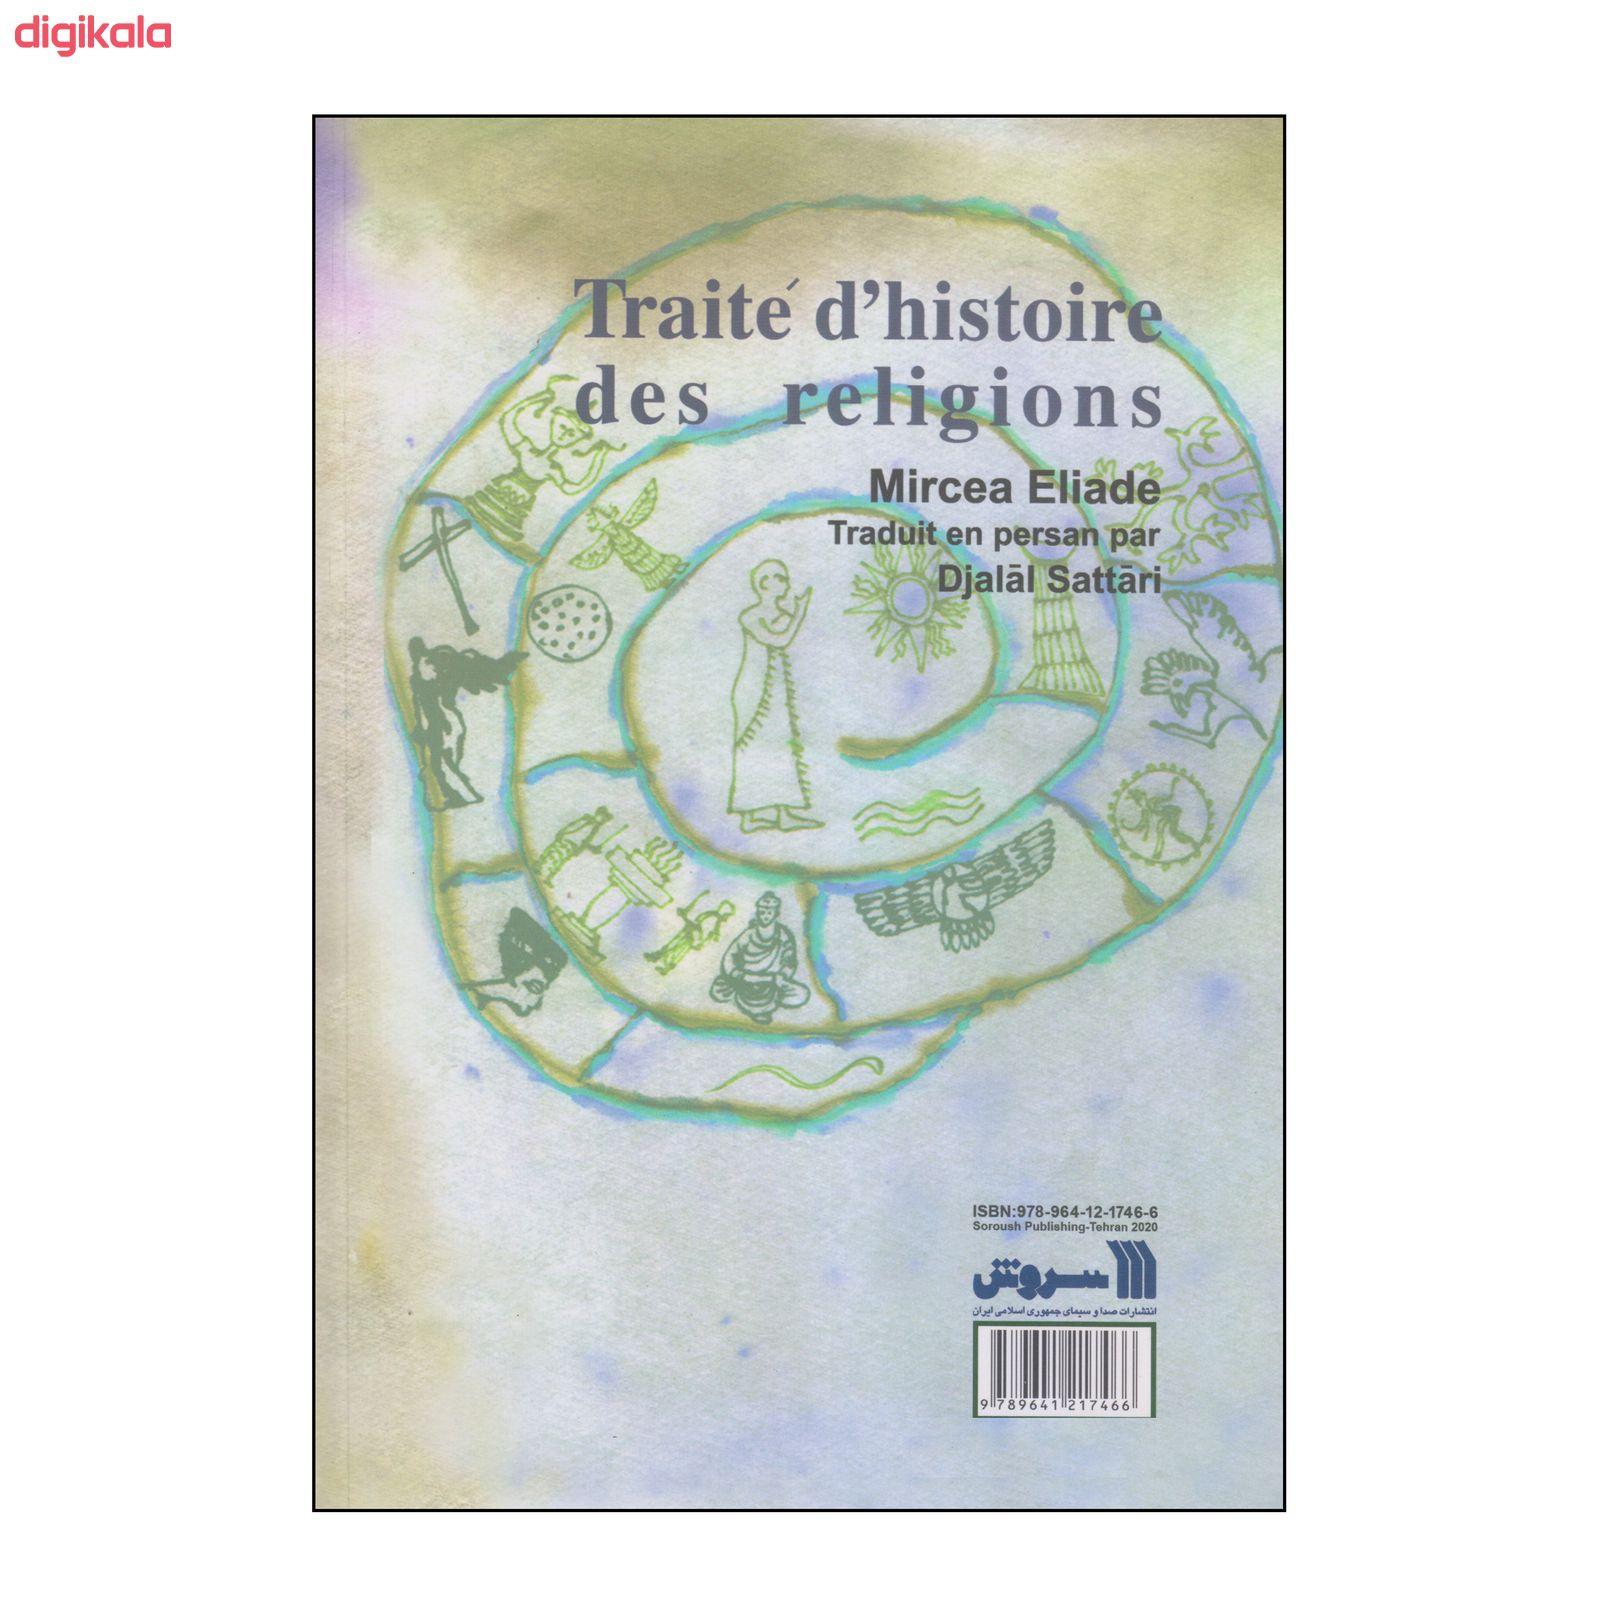 کتاب رساله در تاریخ ادیان اثر میرچا الیاده انتشارات سروش